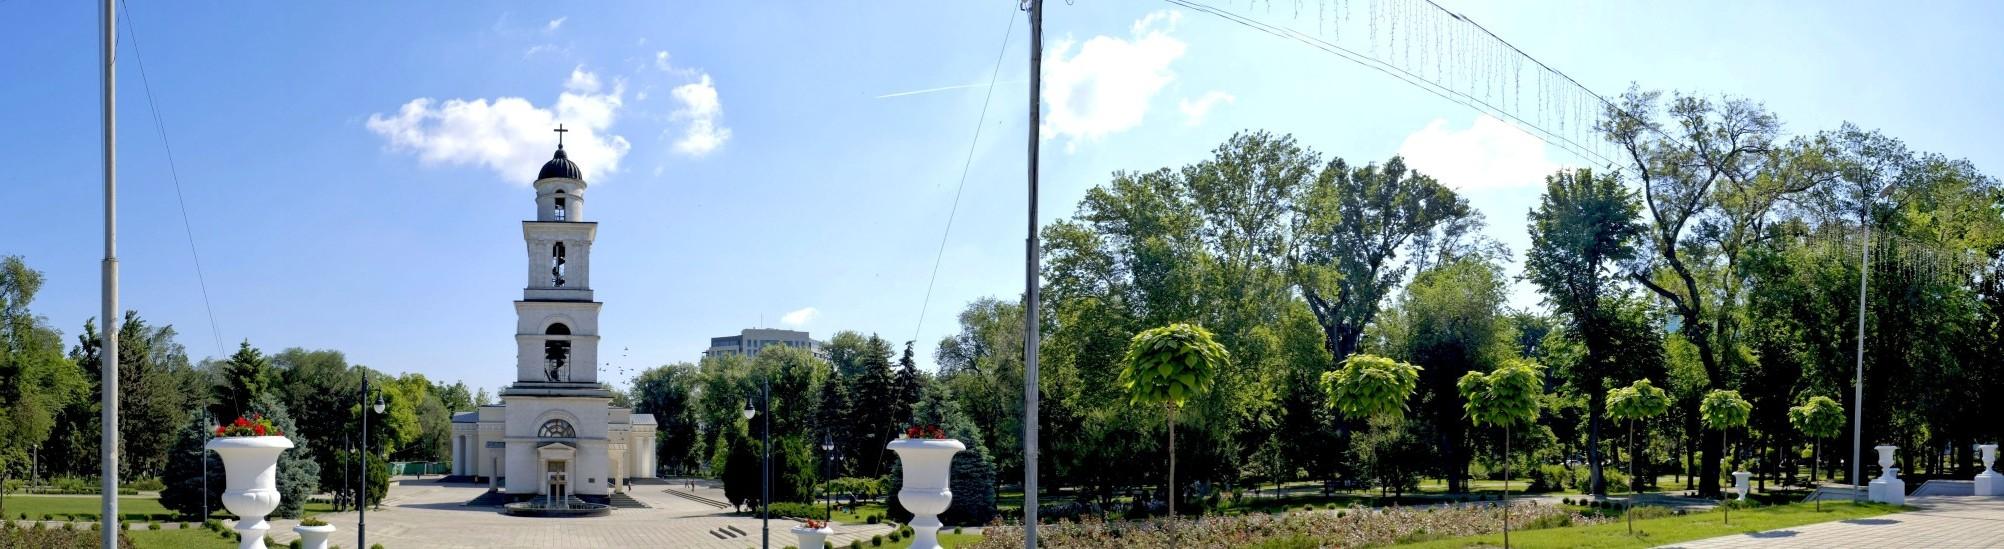 Kiszyniów i serce miasta w panoramie